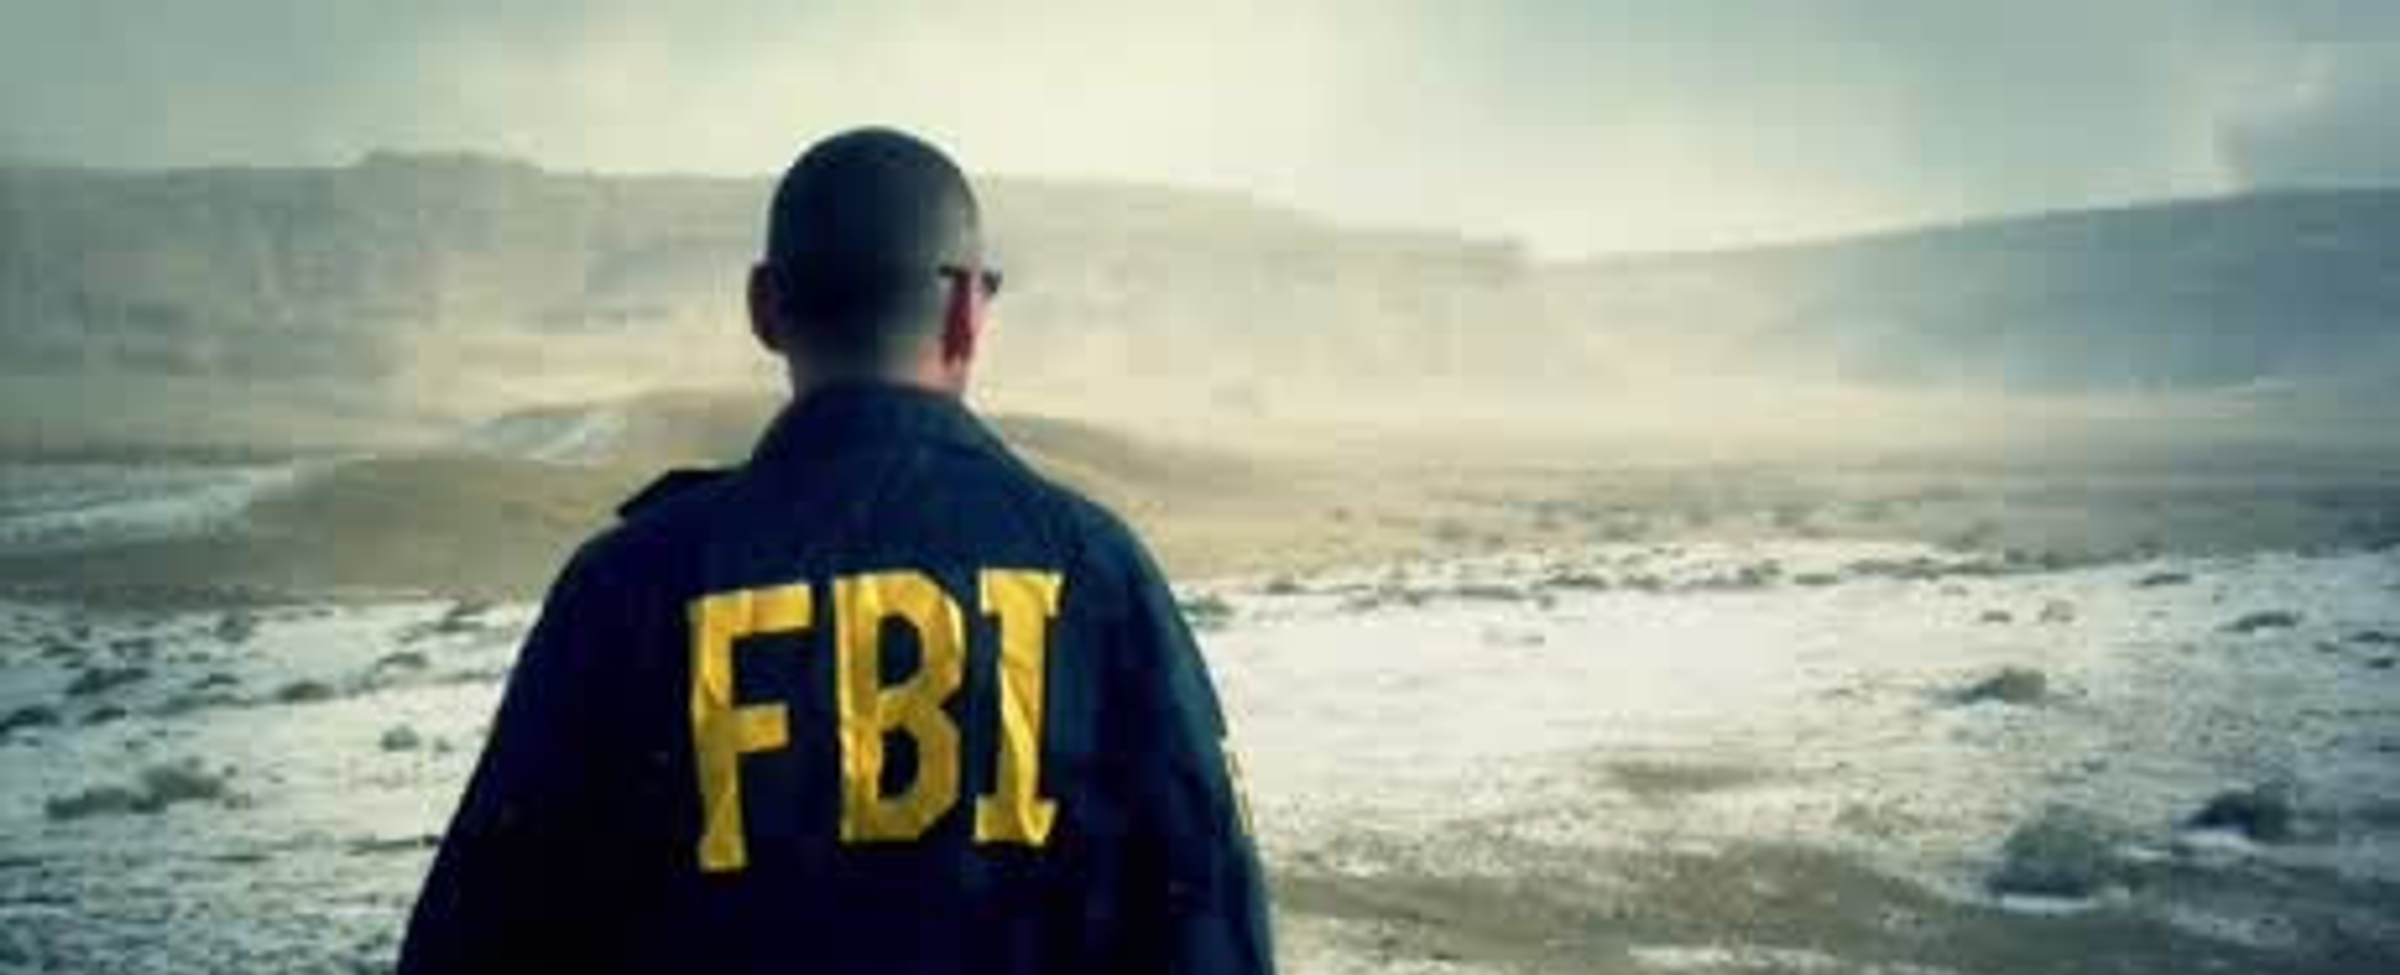 FBI: Největší případy IV.